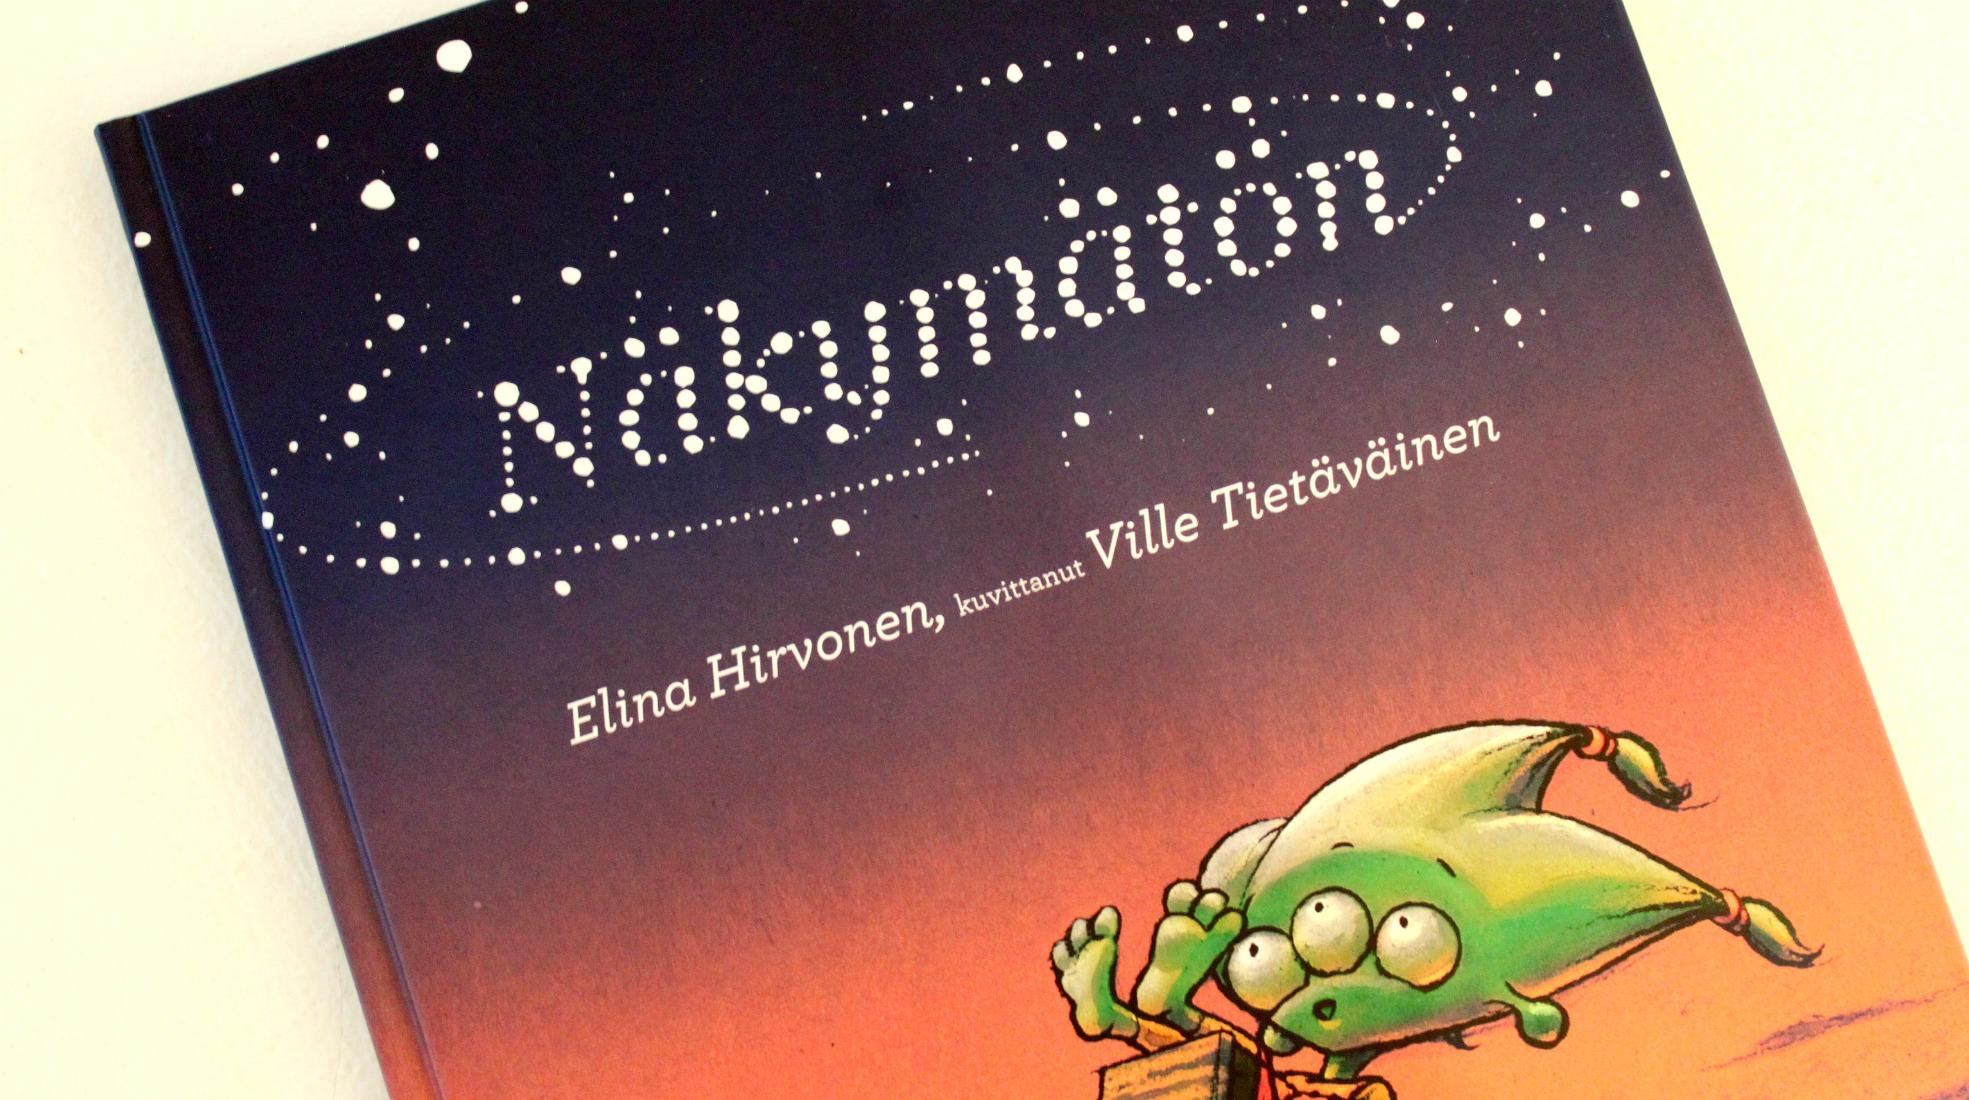 Elina Hirvonen ja Ville Tietäväinen: Näkymätön